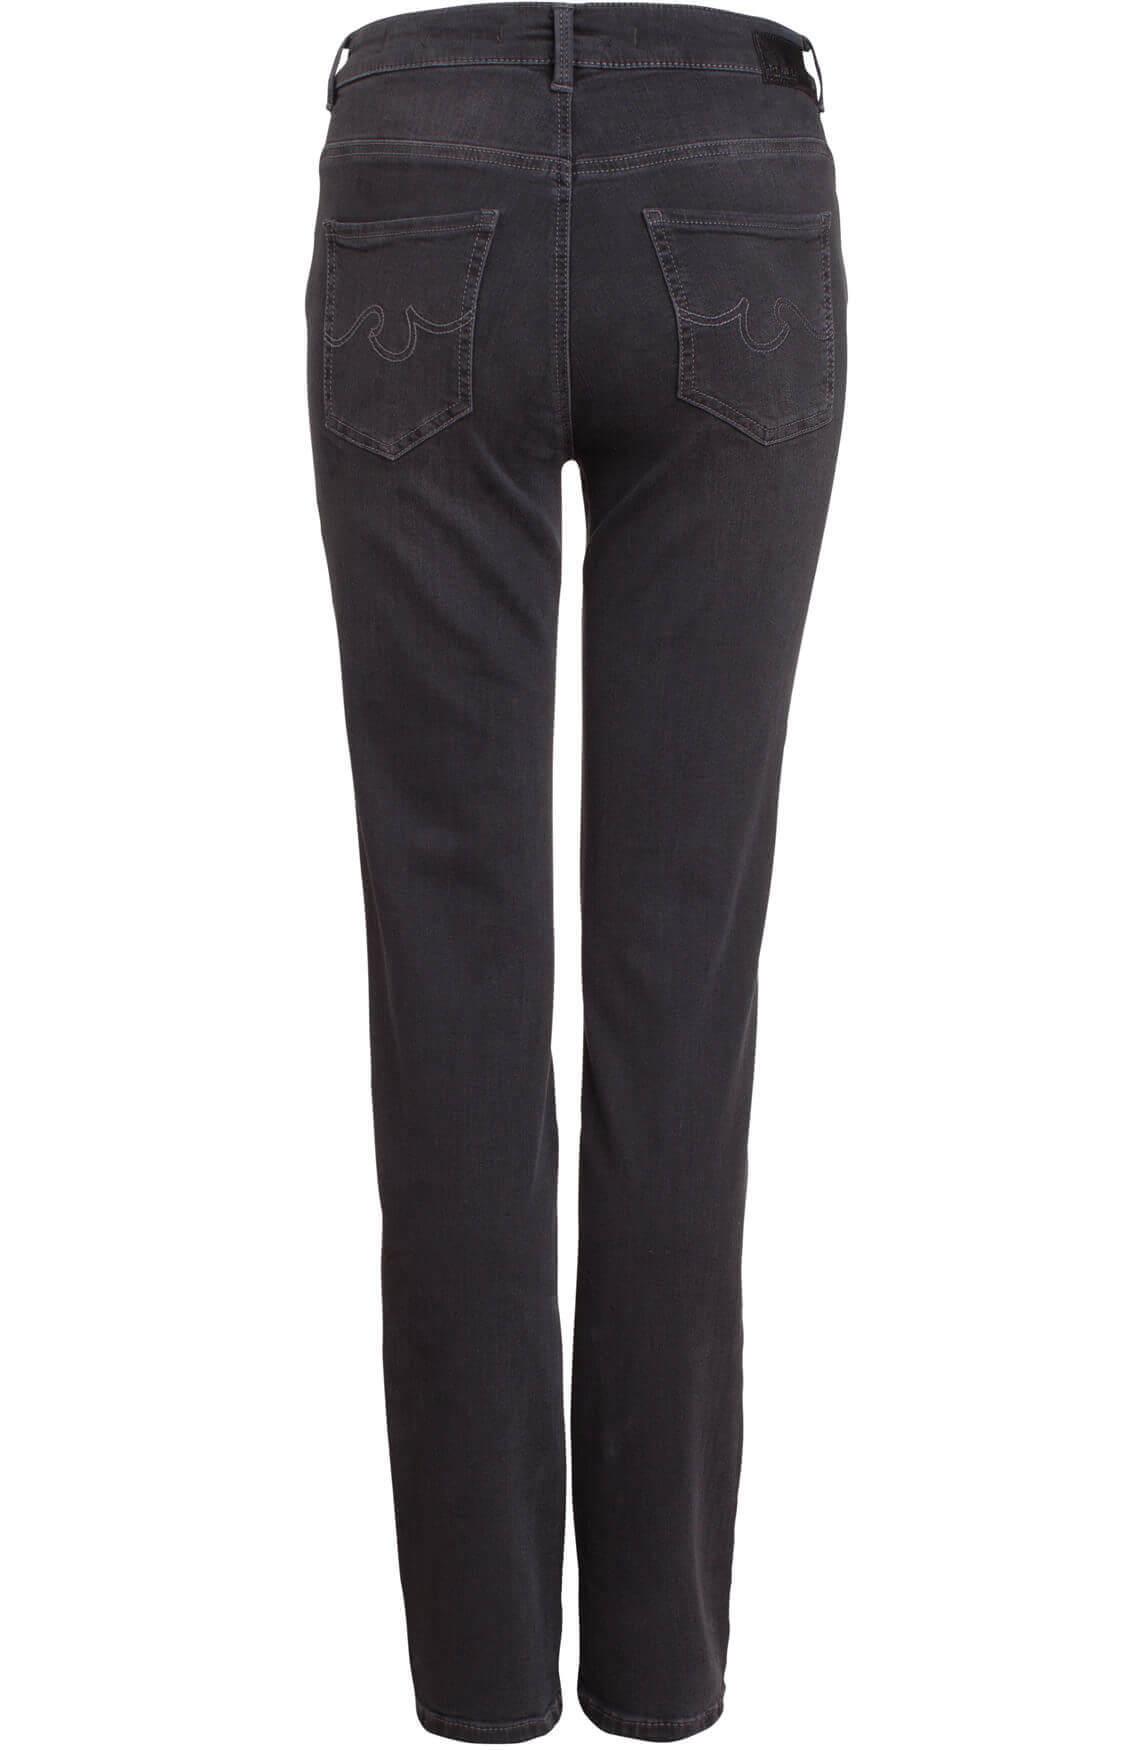 Rosner Dames Audrey high waist jeans Grijs